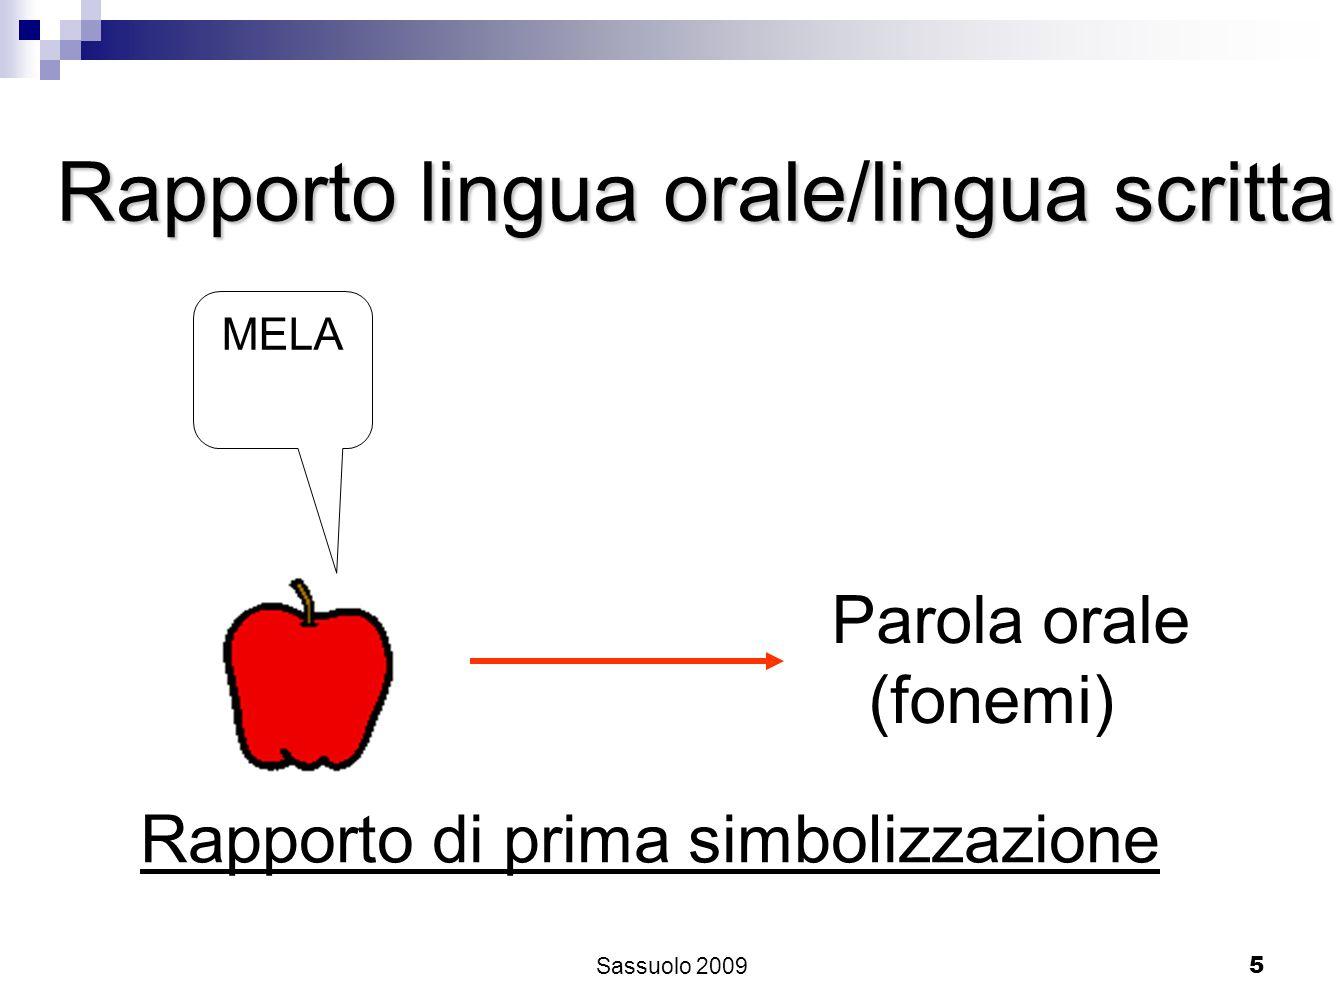 5 Rapporto di prima simbolizzazione Parola orale (fonemi) MELA Rapporto lingua orale/lingua scritta Sassuolo 2009